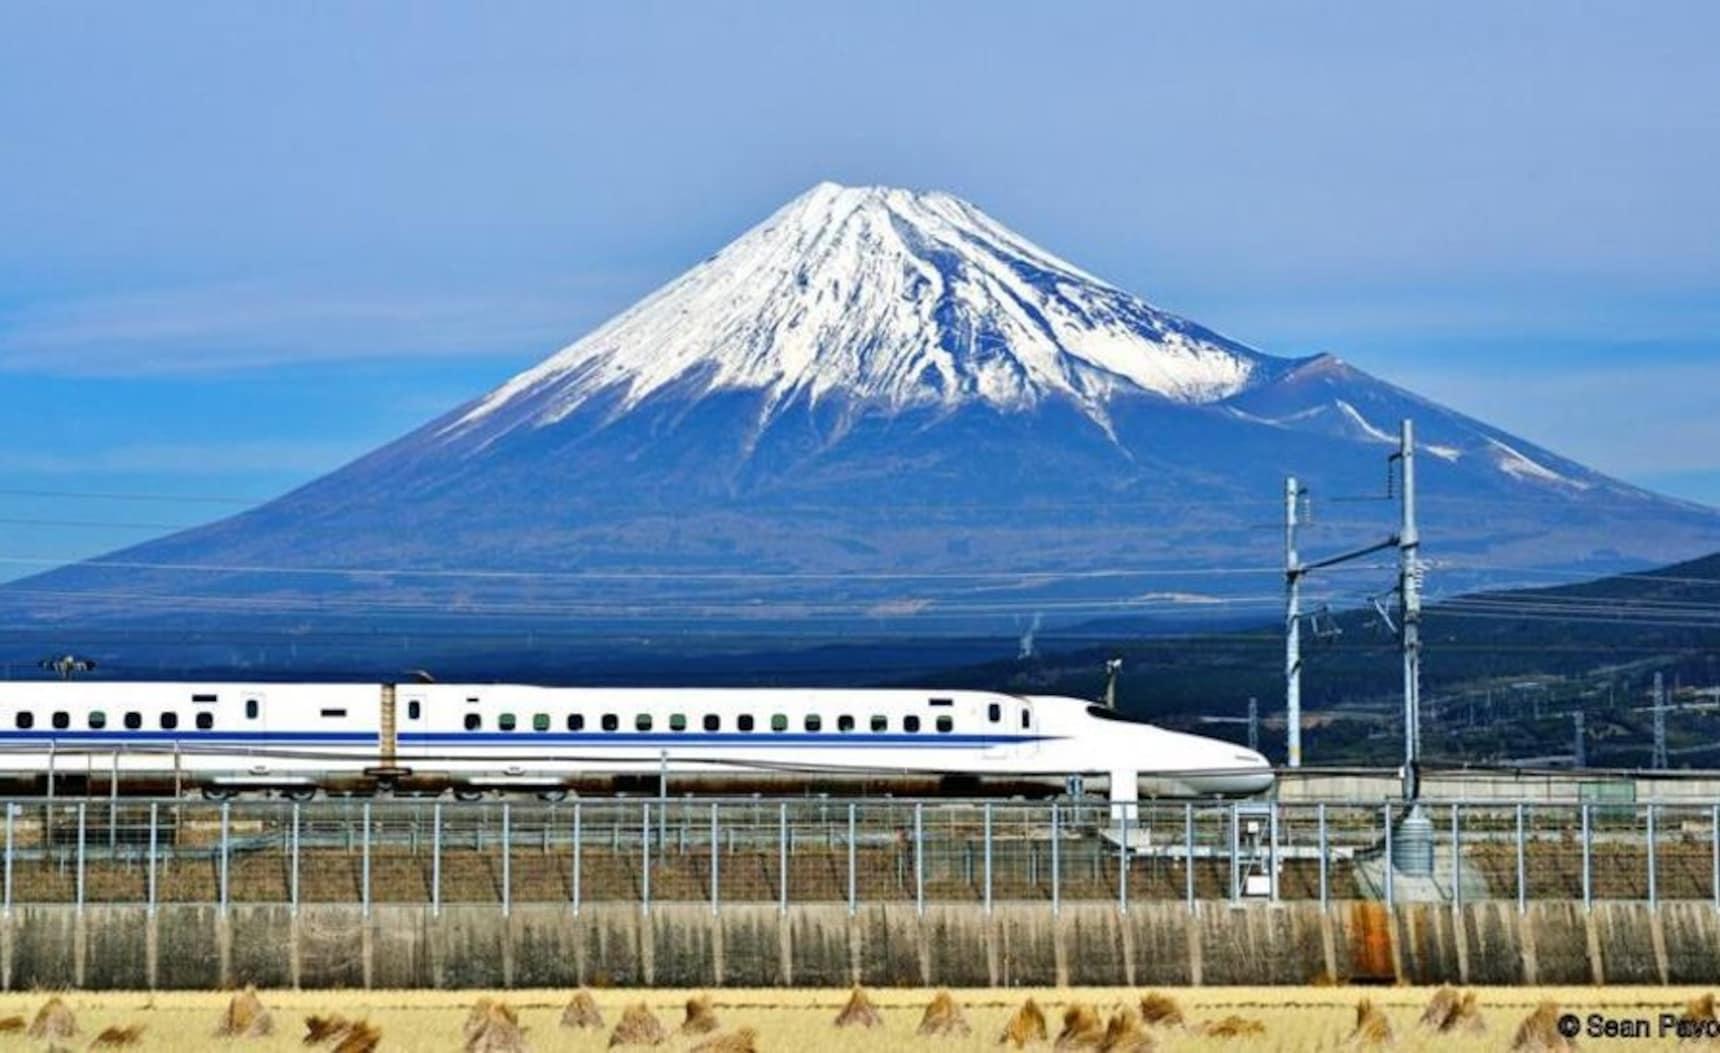 หาไอเดีย นั่งรถไฟในญี่ปุ่นด้วย Hyperdia